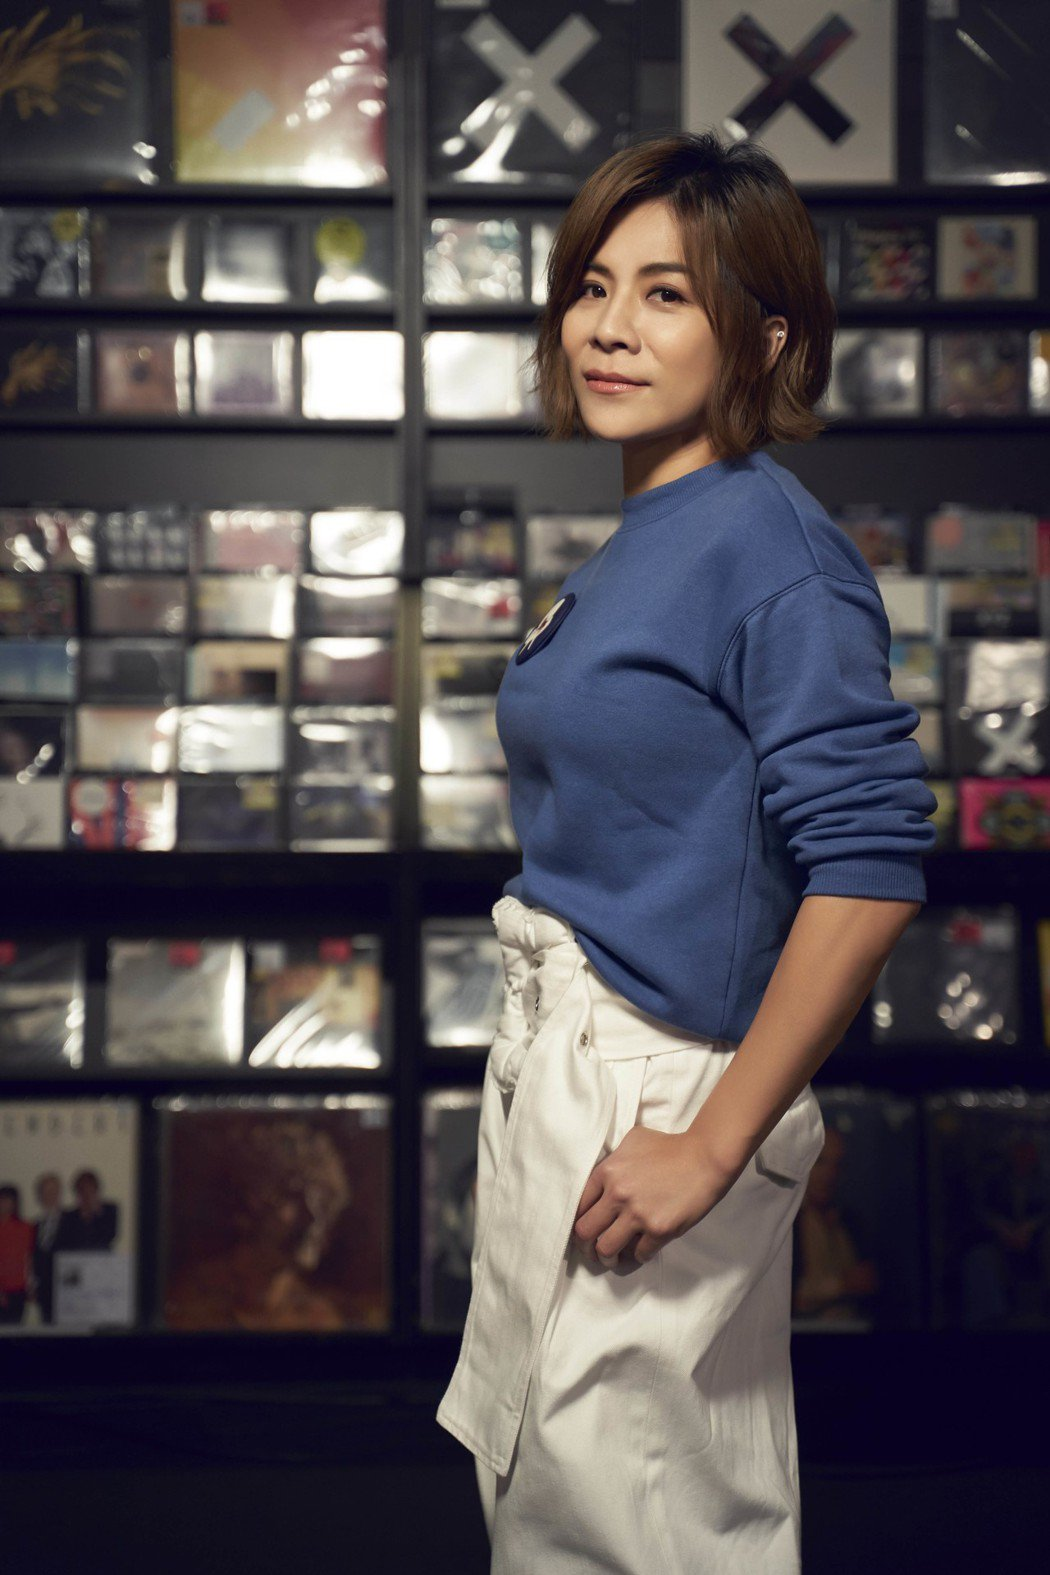 江美琪推出新專輯「我們都是有歌的人」。圖/索尼提供